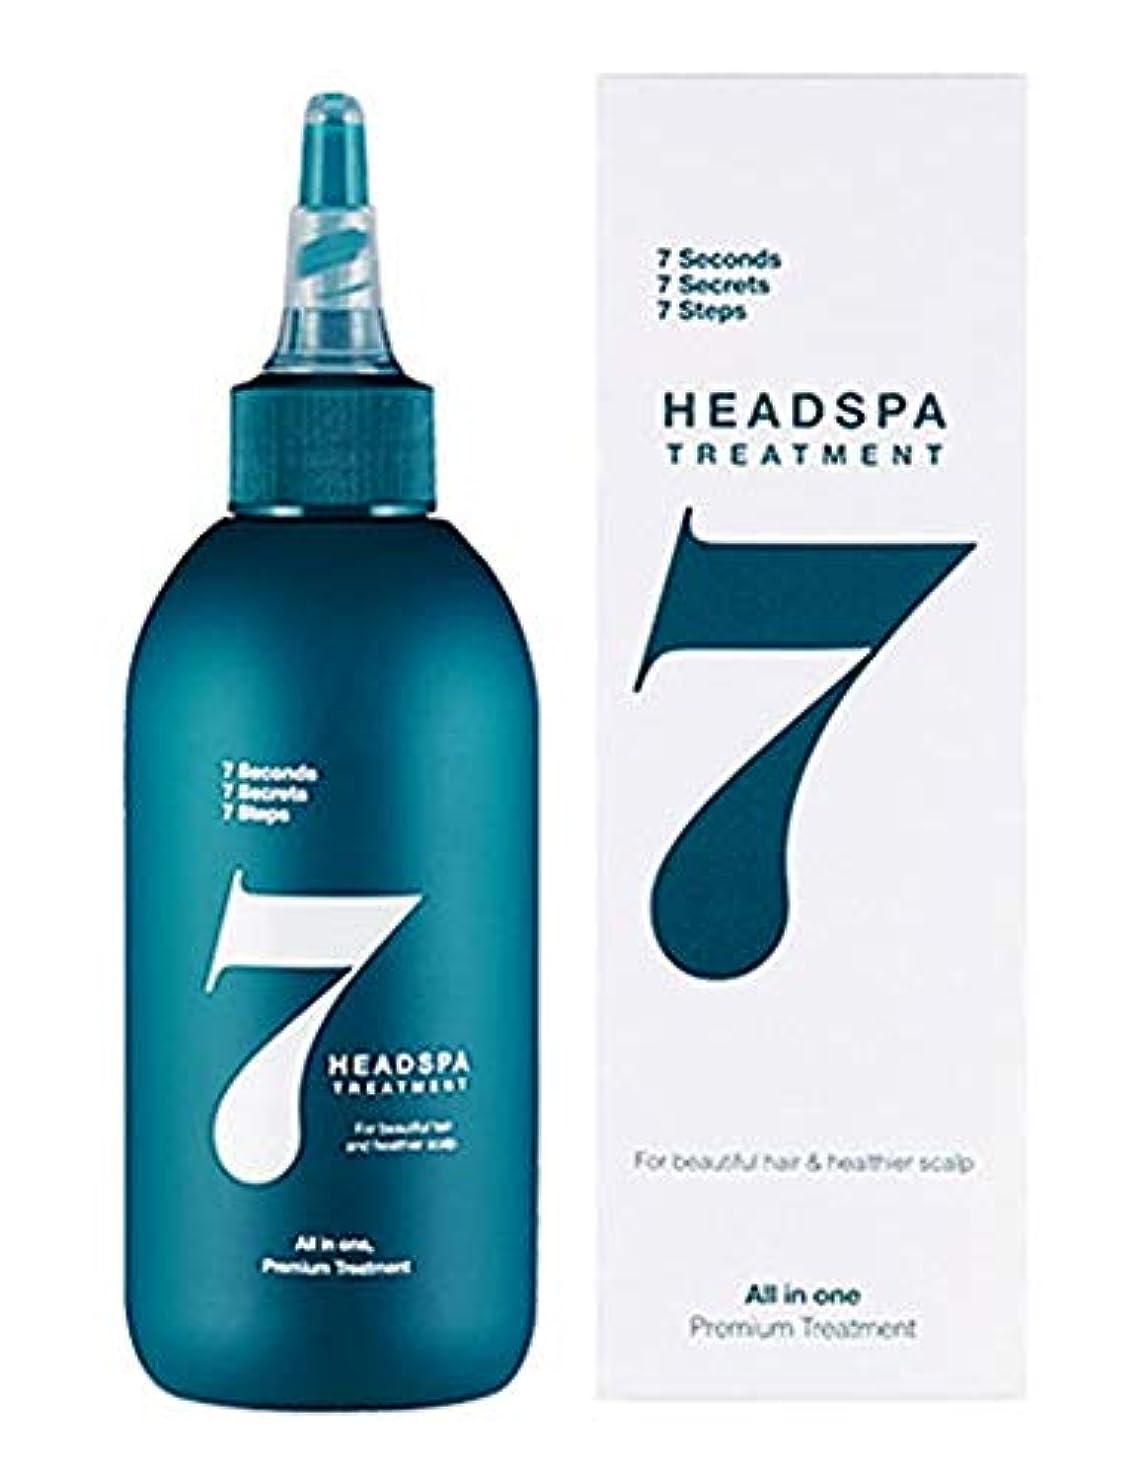 患者祝福する無能Head Spa 7 treatment 200ml (脱毛トリートメント)